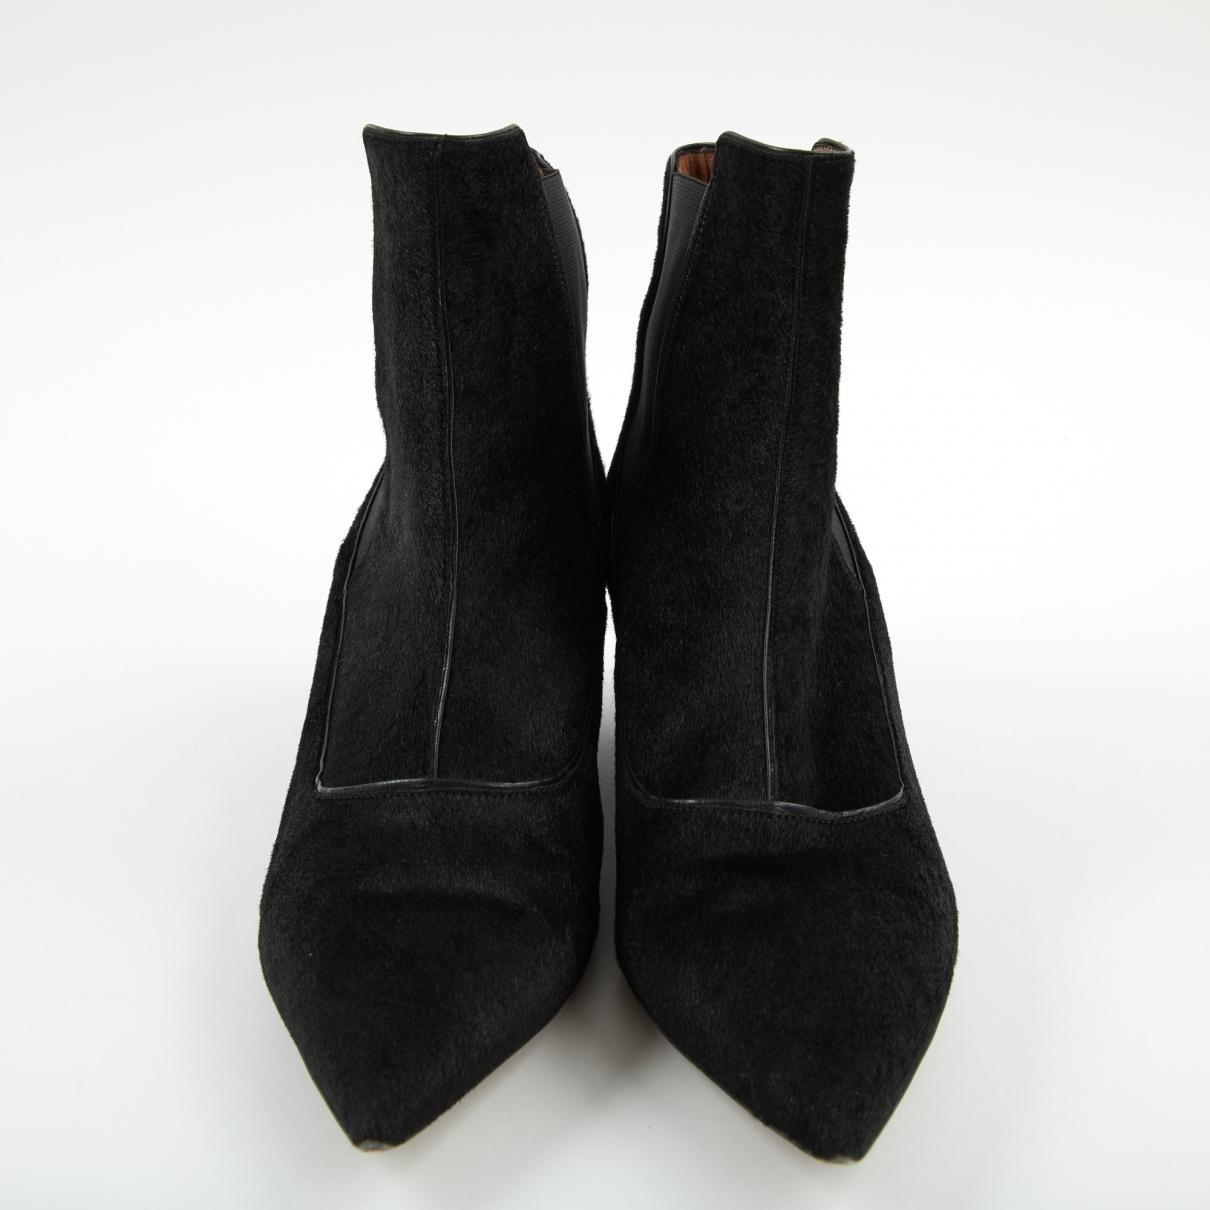 Botas de Piel de potro de imitación Tabitha Simmons de Cuero de color Negro